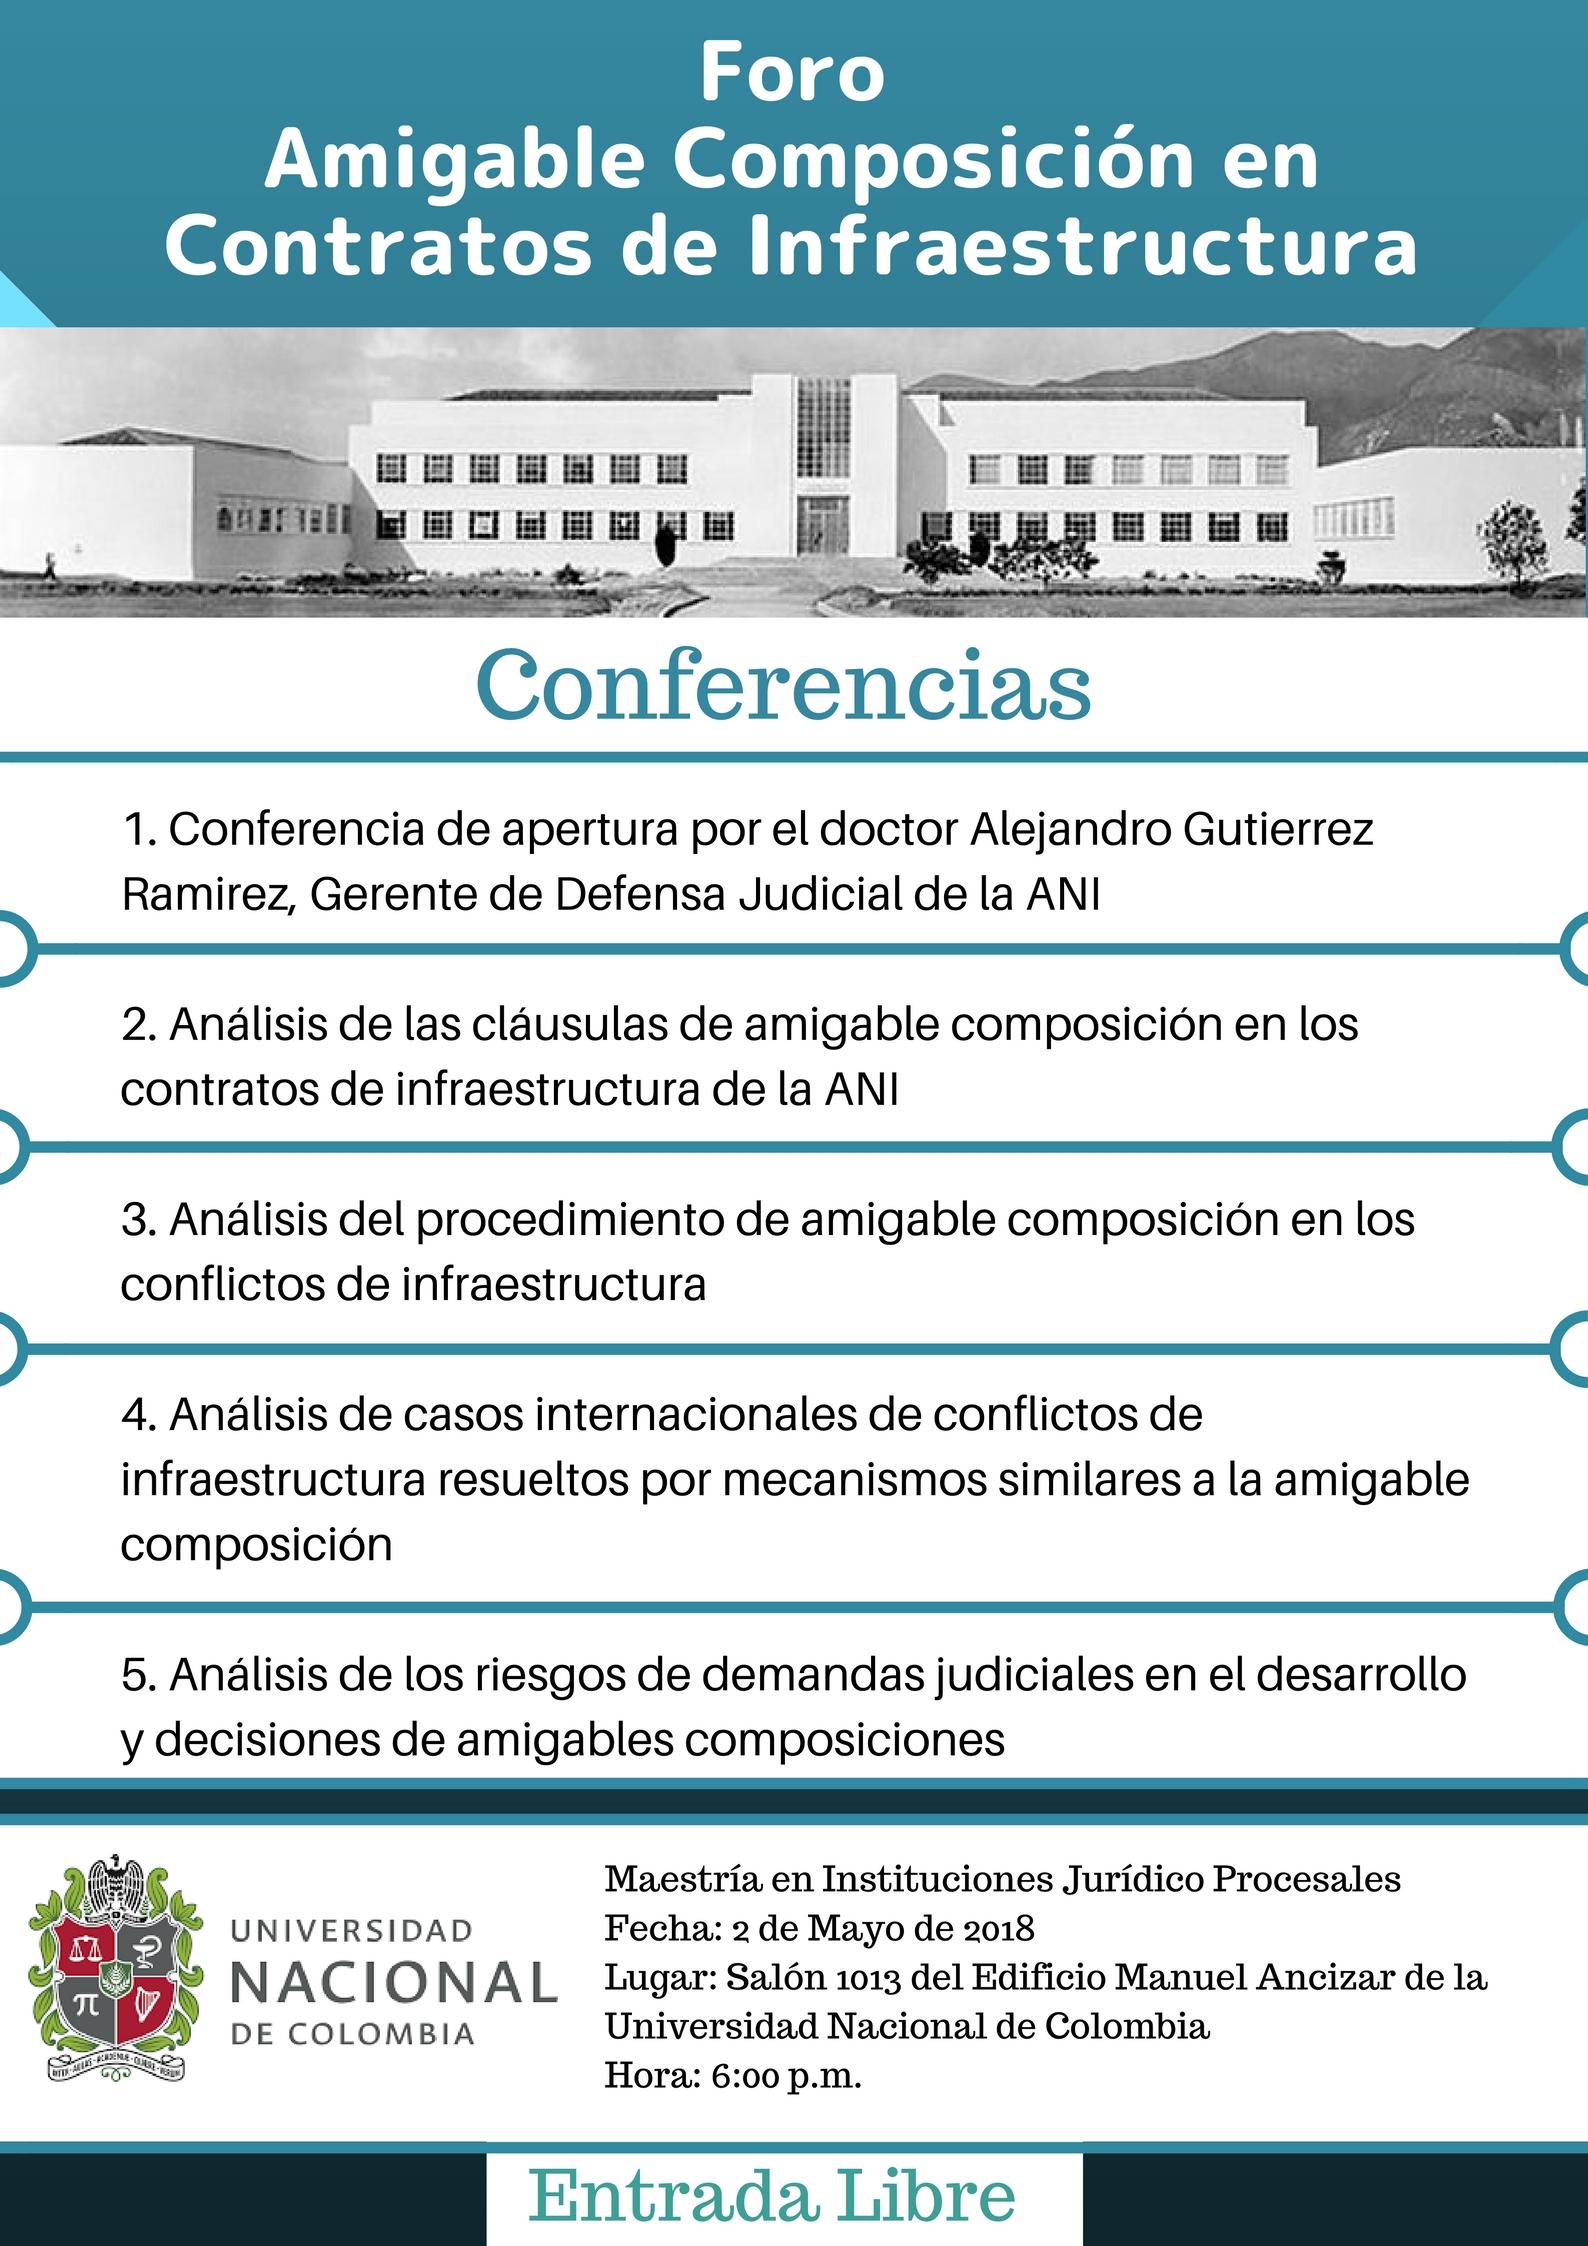 Invitación a Foro sobre Amigable Composición en Contratos de Infraestructura – Entrada libre en la Facultad de Derecho, Ciencias Políticas y Sociales de la Universidad Nacional deColombia